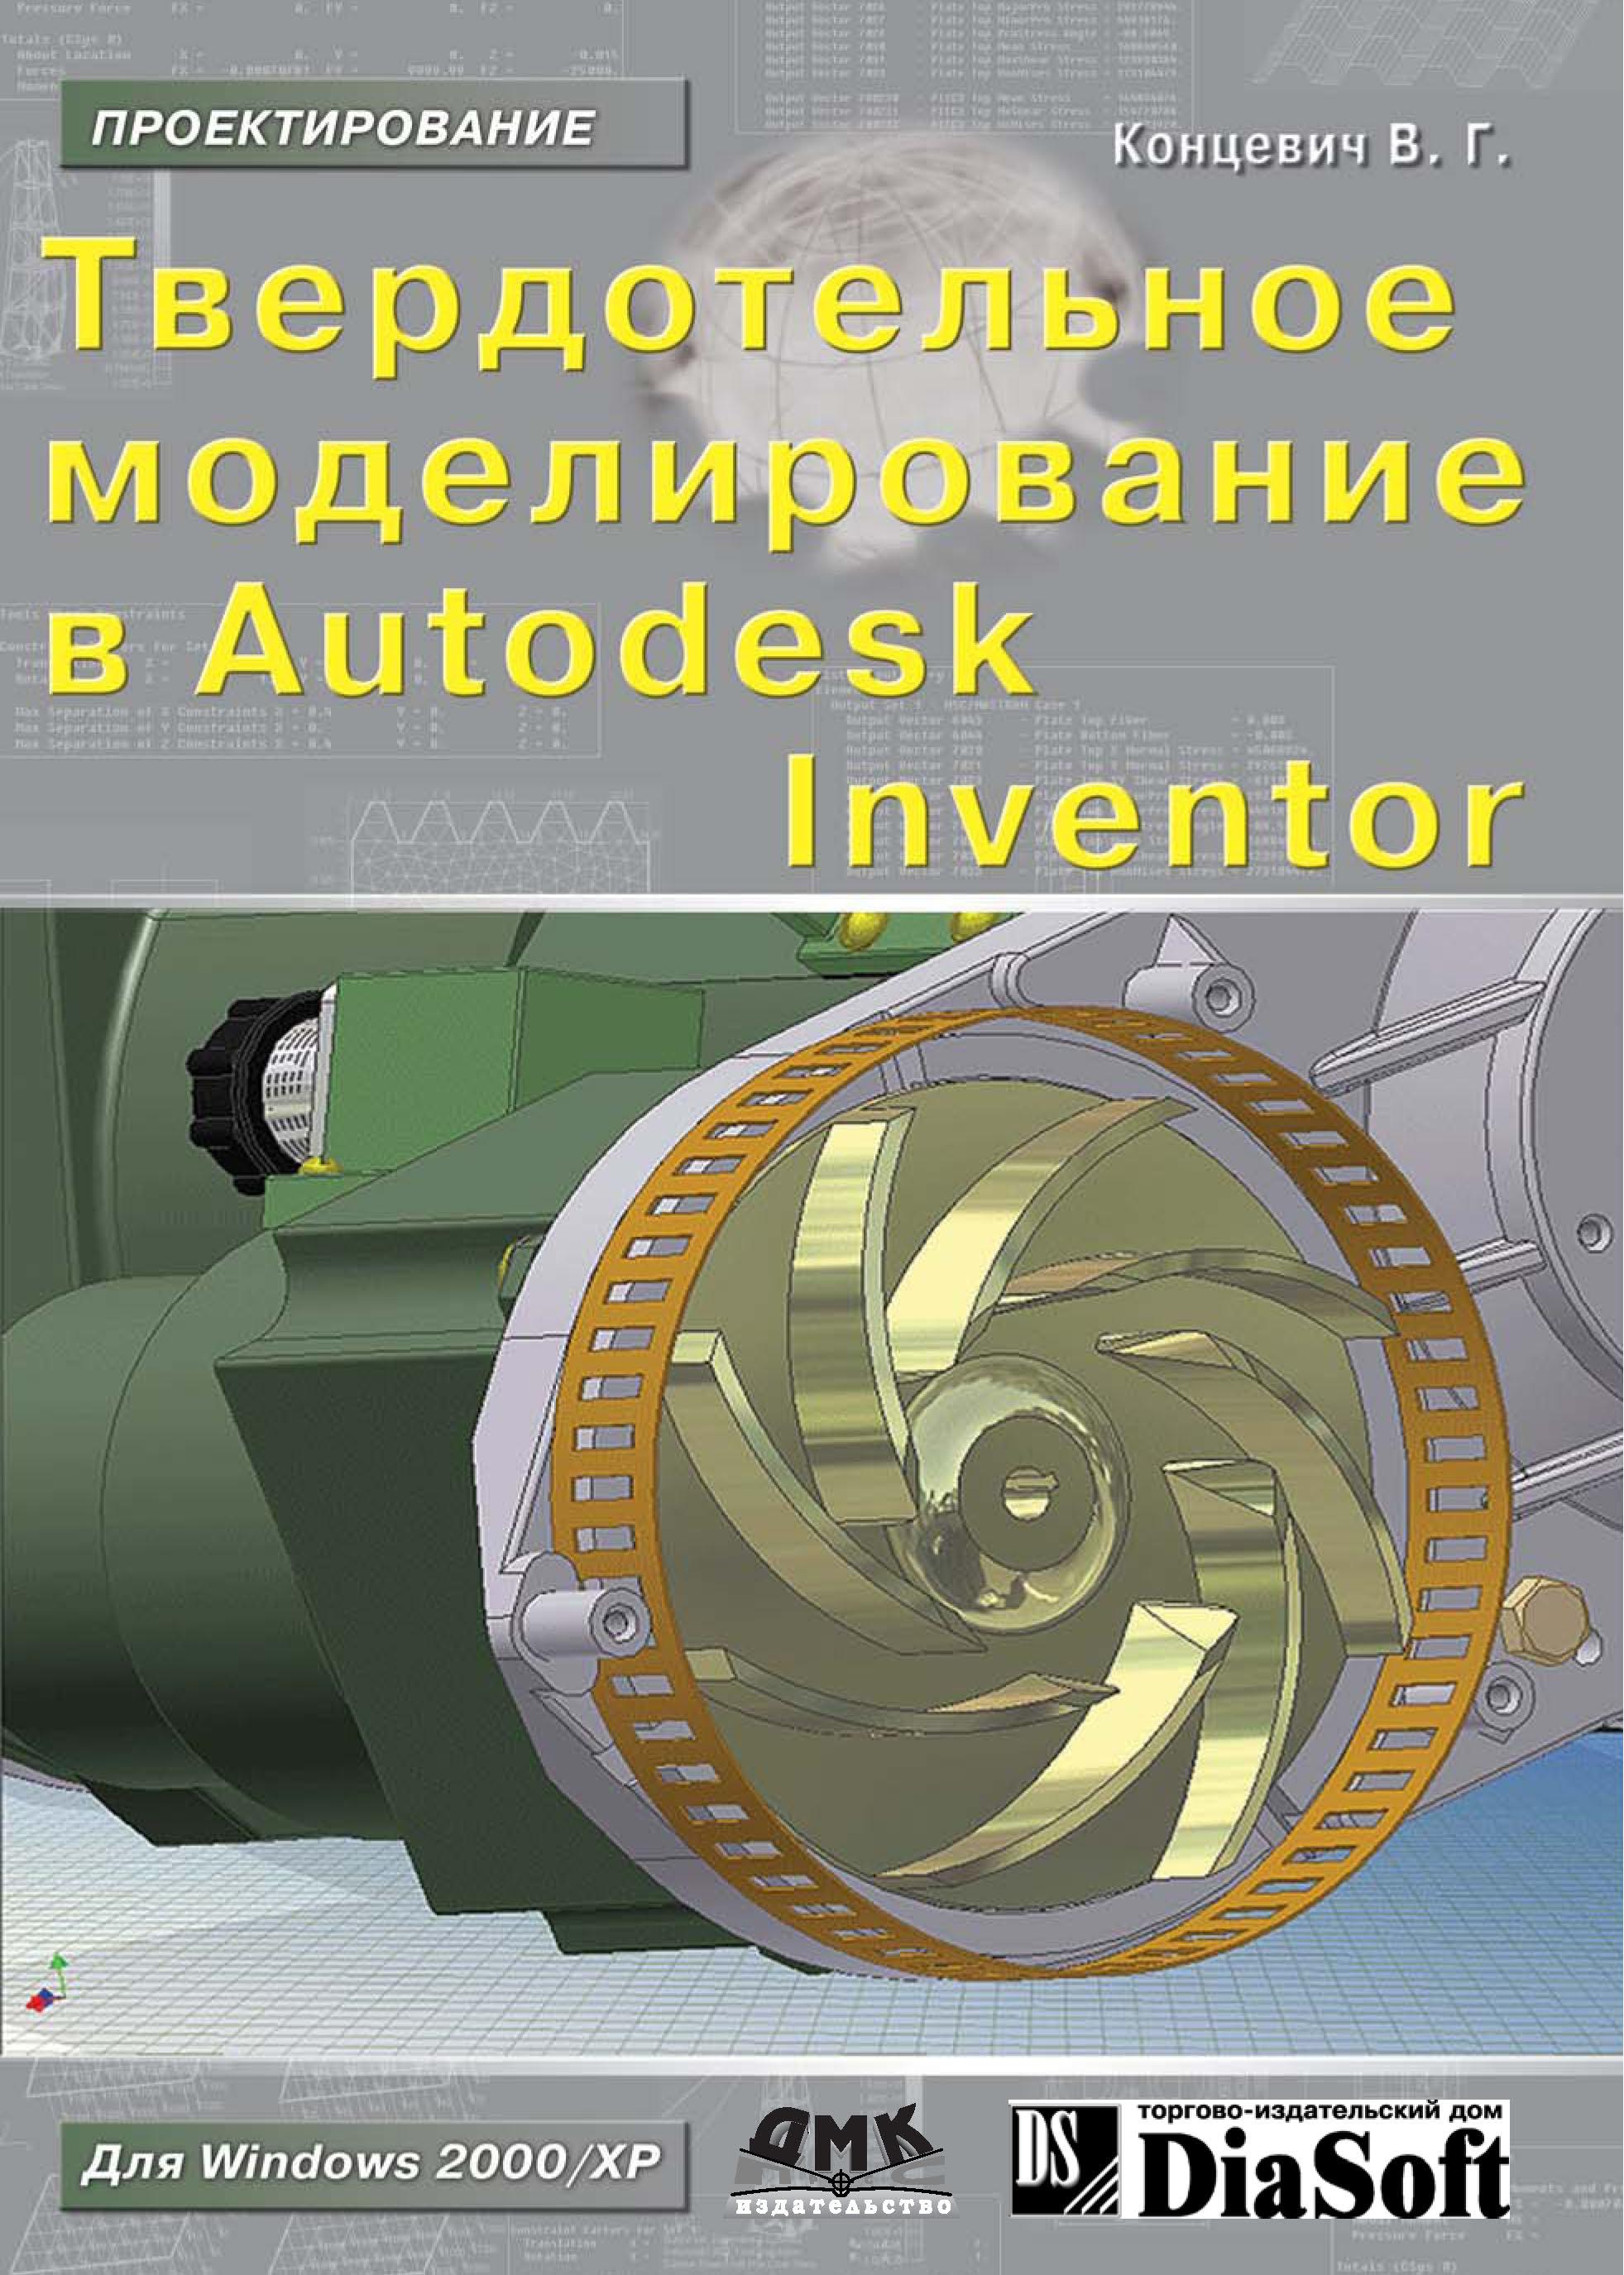 В. Г. Концевич Твердотельное моделирование машиностроительных изделий в Autodesk Inventor autodesk inventor cd